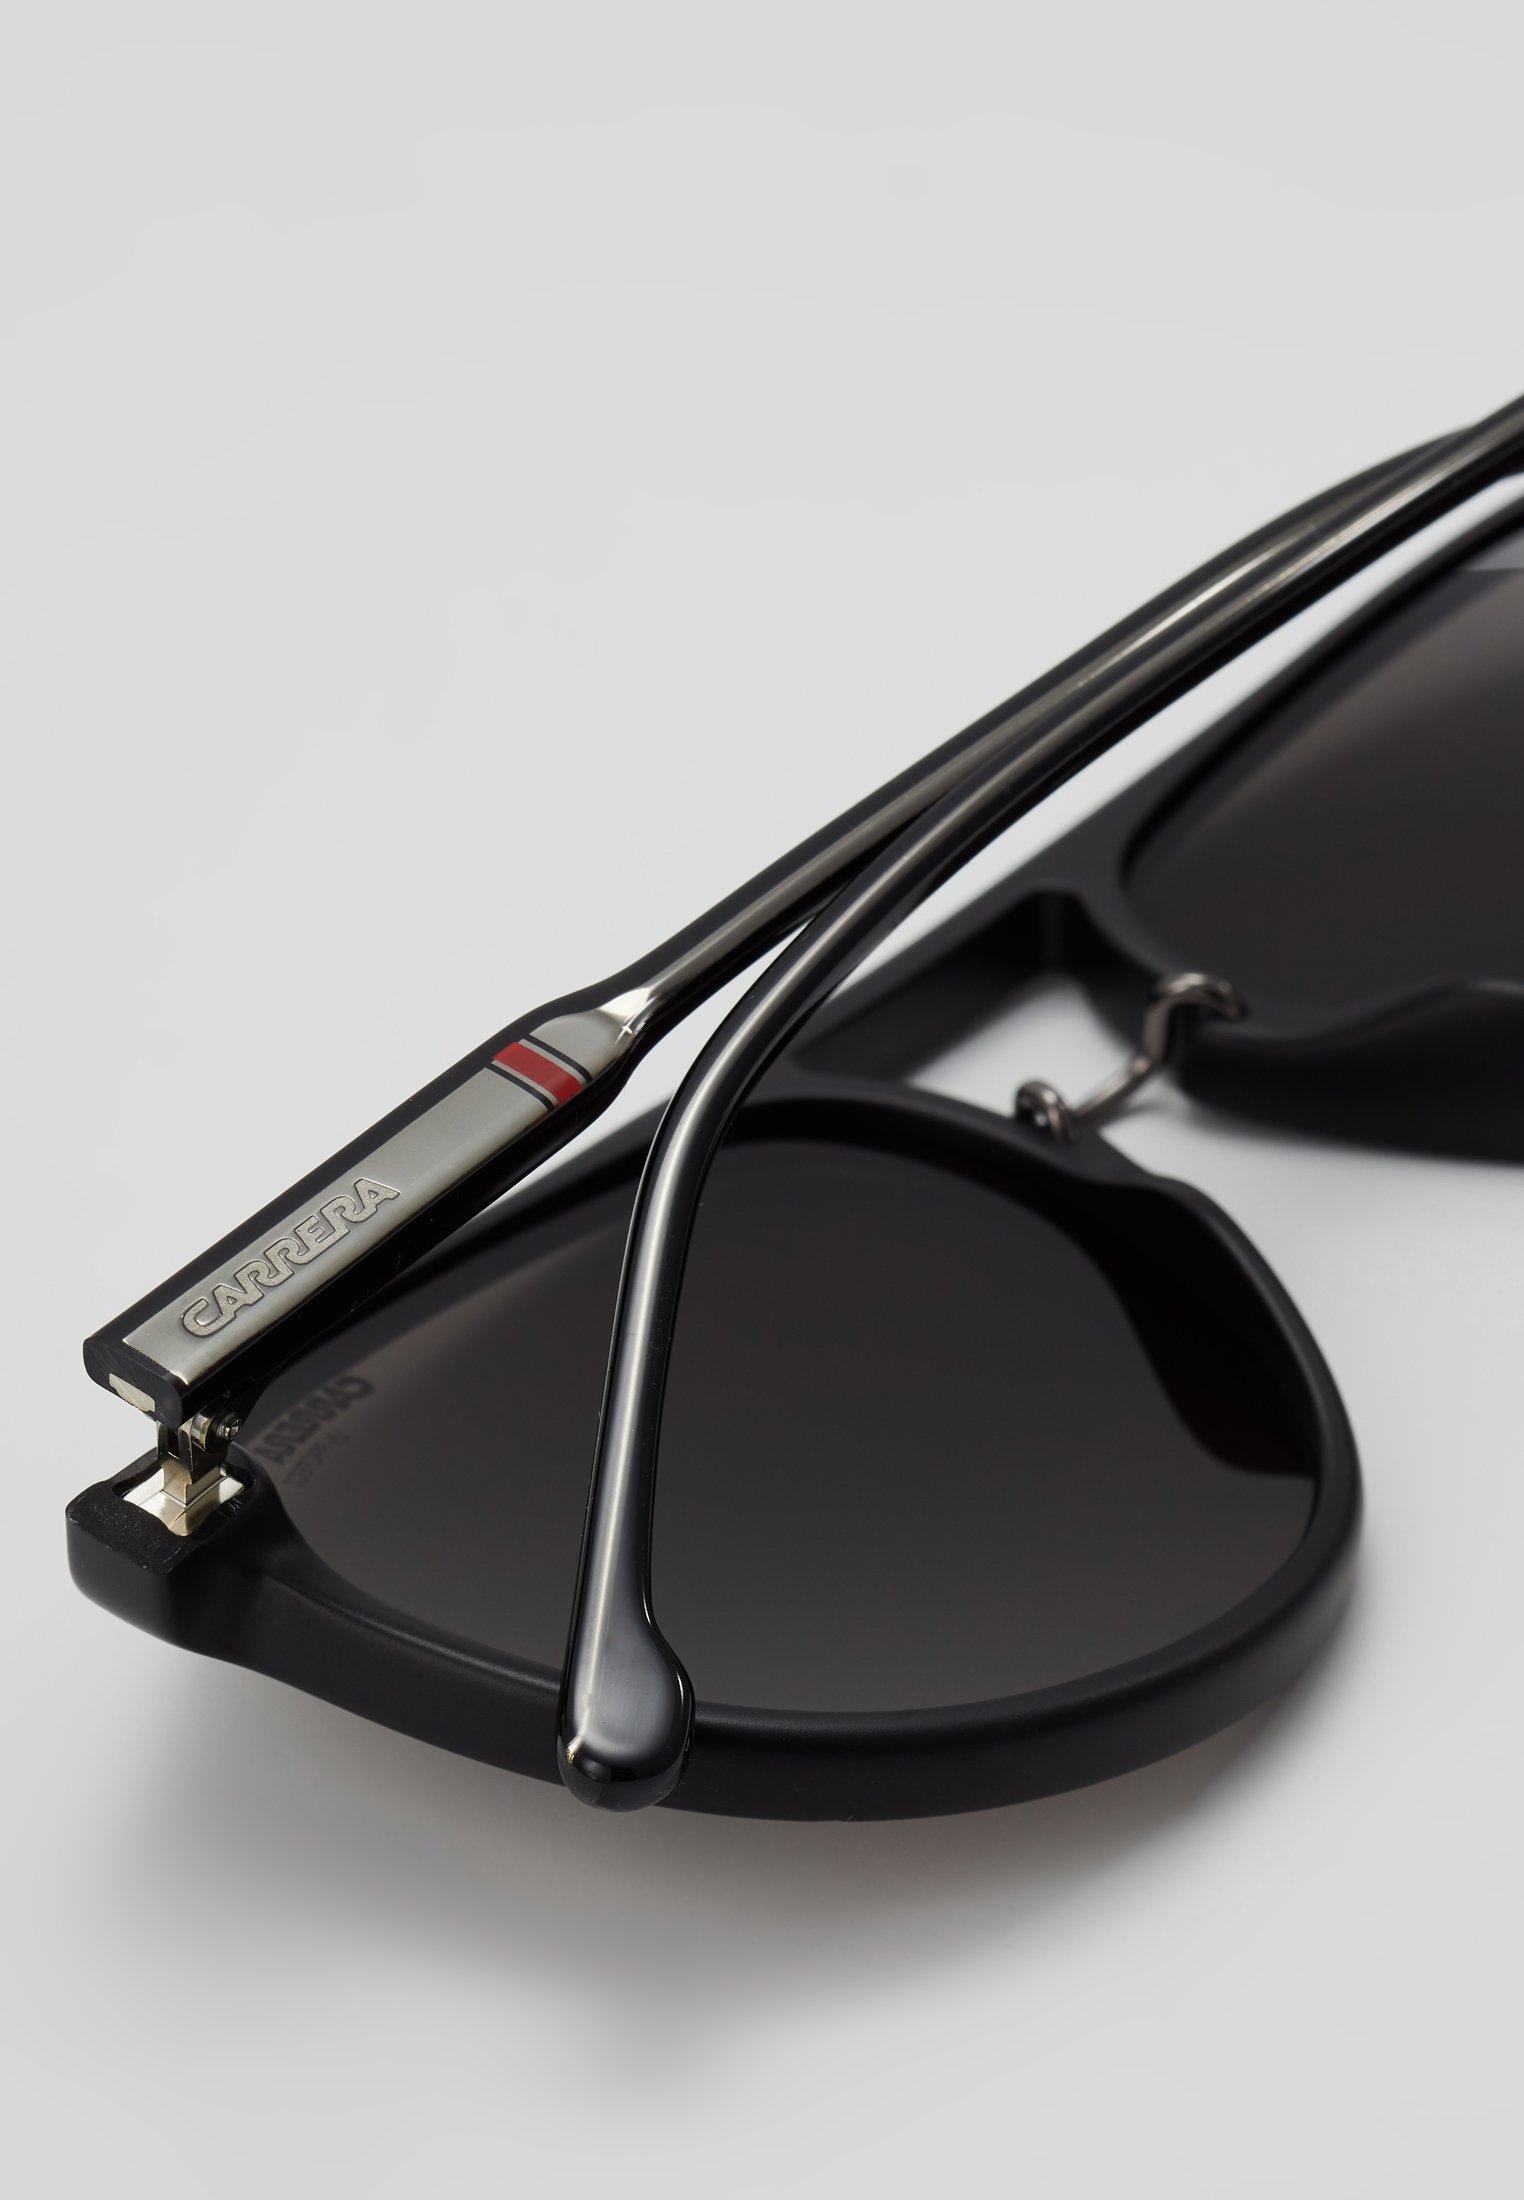 Commercialisable Meilleurs prix Carrera Lunettes de soleil - matt black - ZALANDO.FR CLsvF